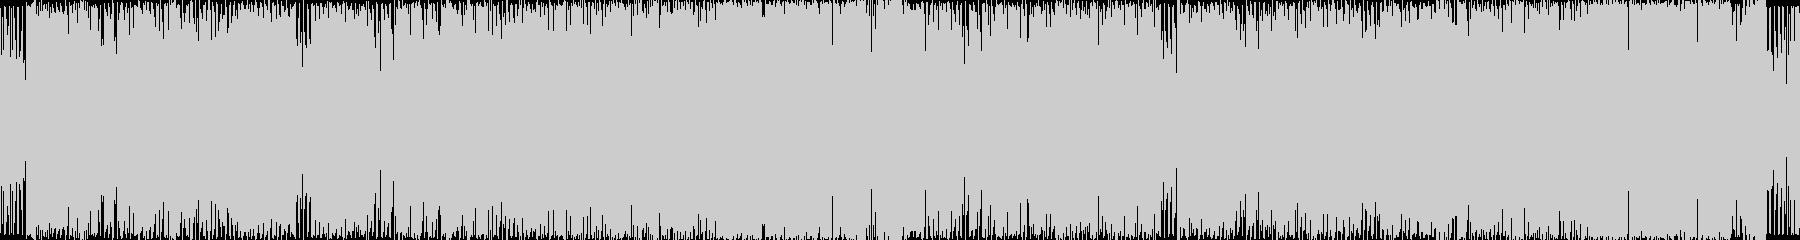 チップチューン風のシンセポップの未再生の波形